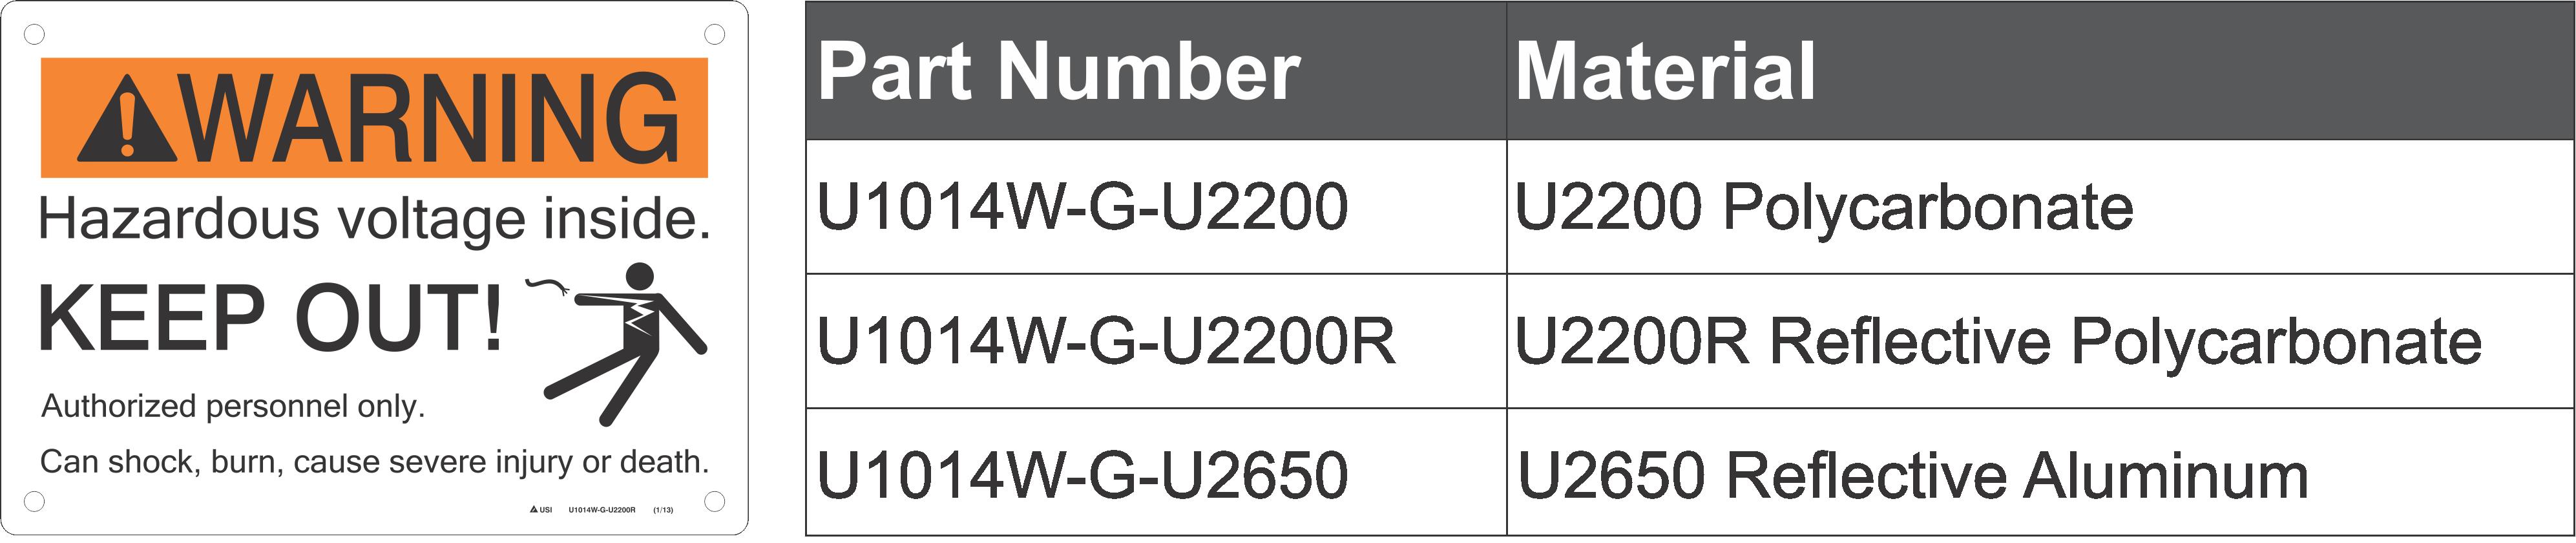 U1014W-G